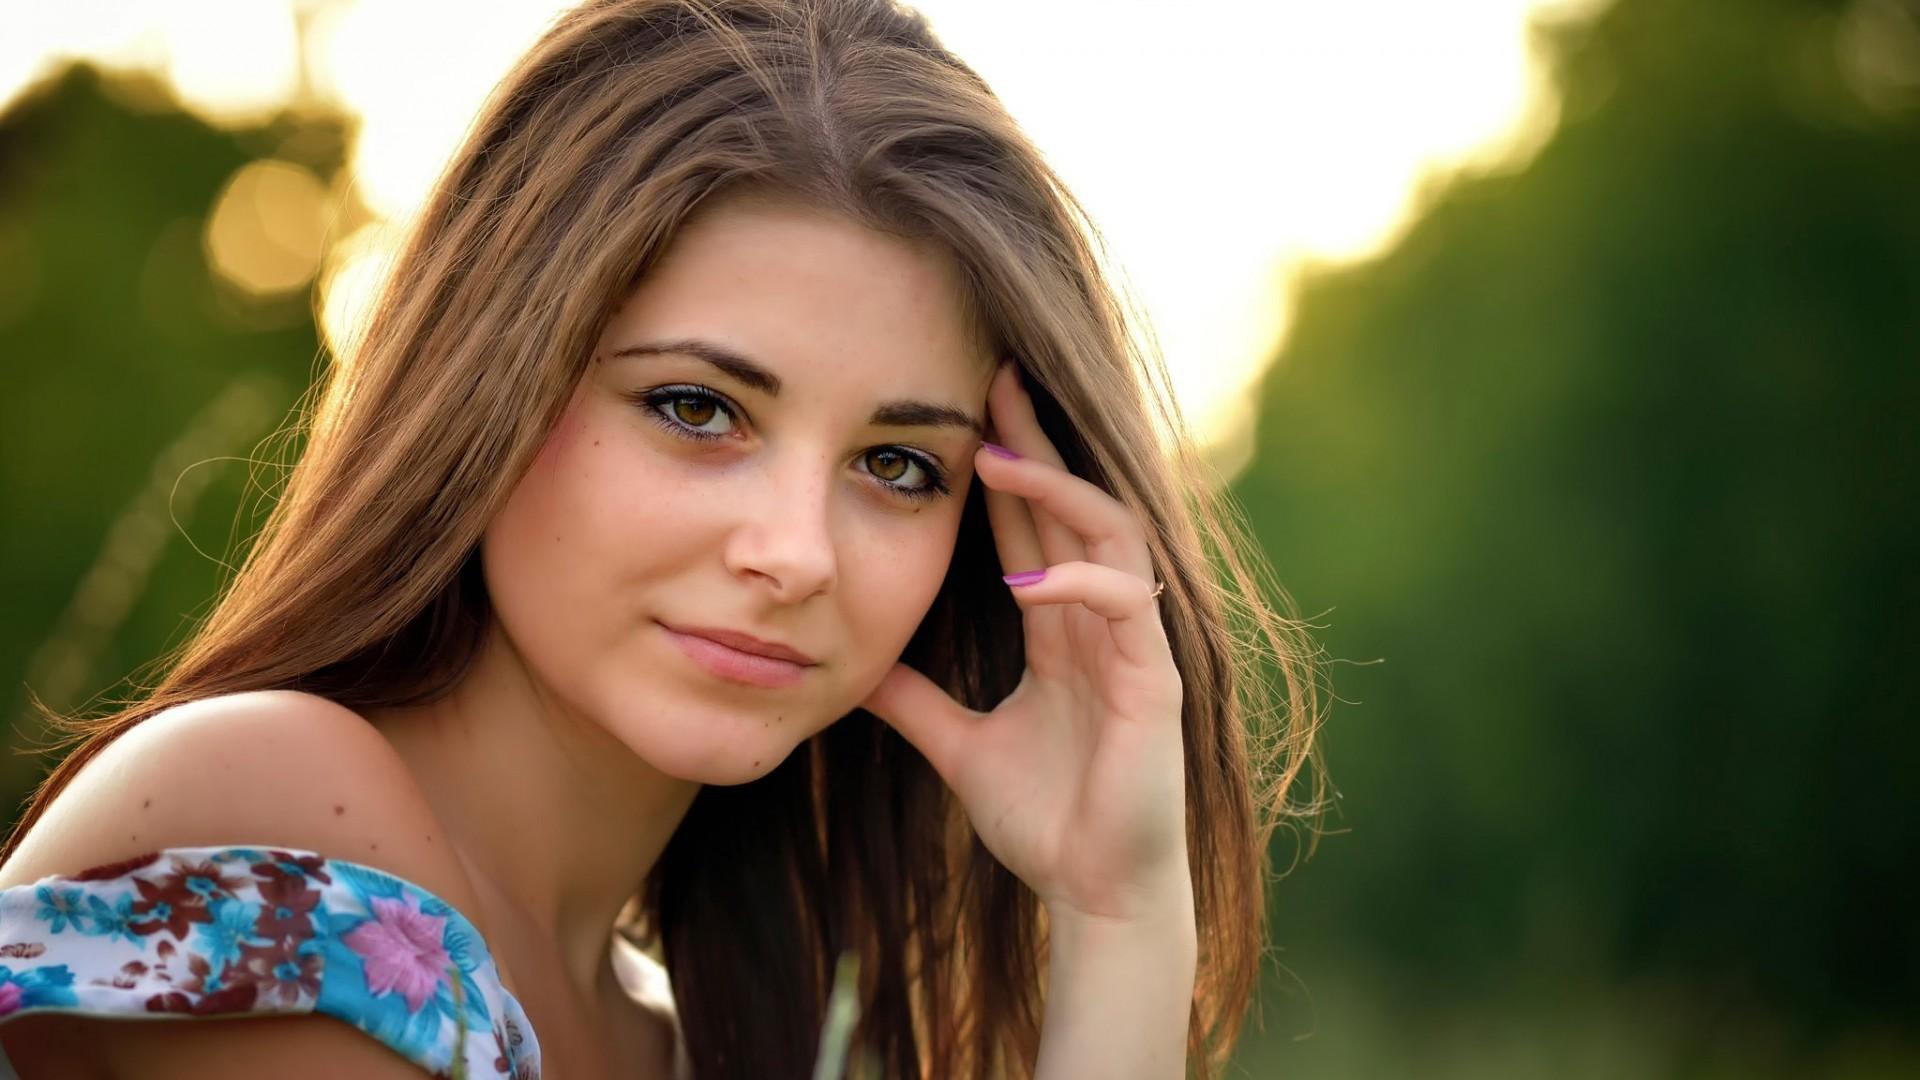 Собственные фото красивых девушек